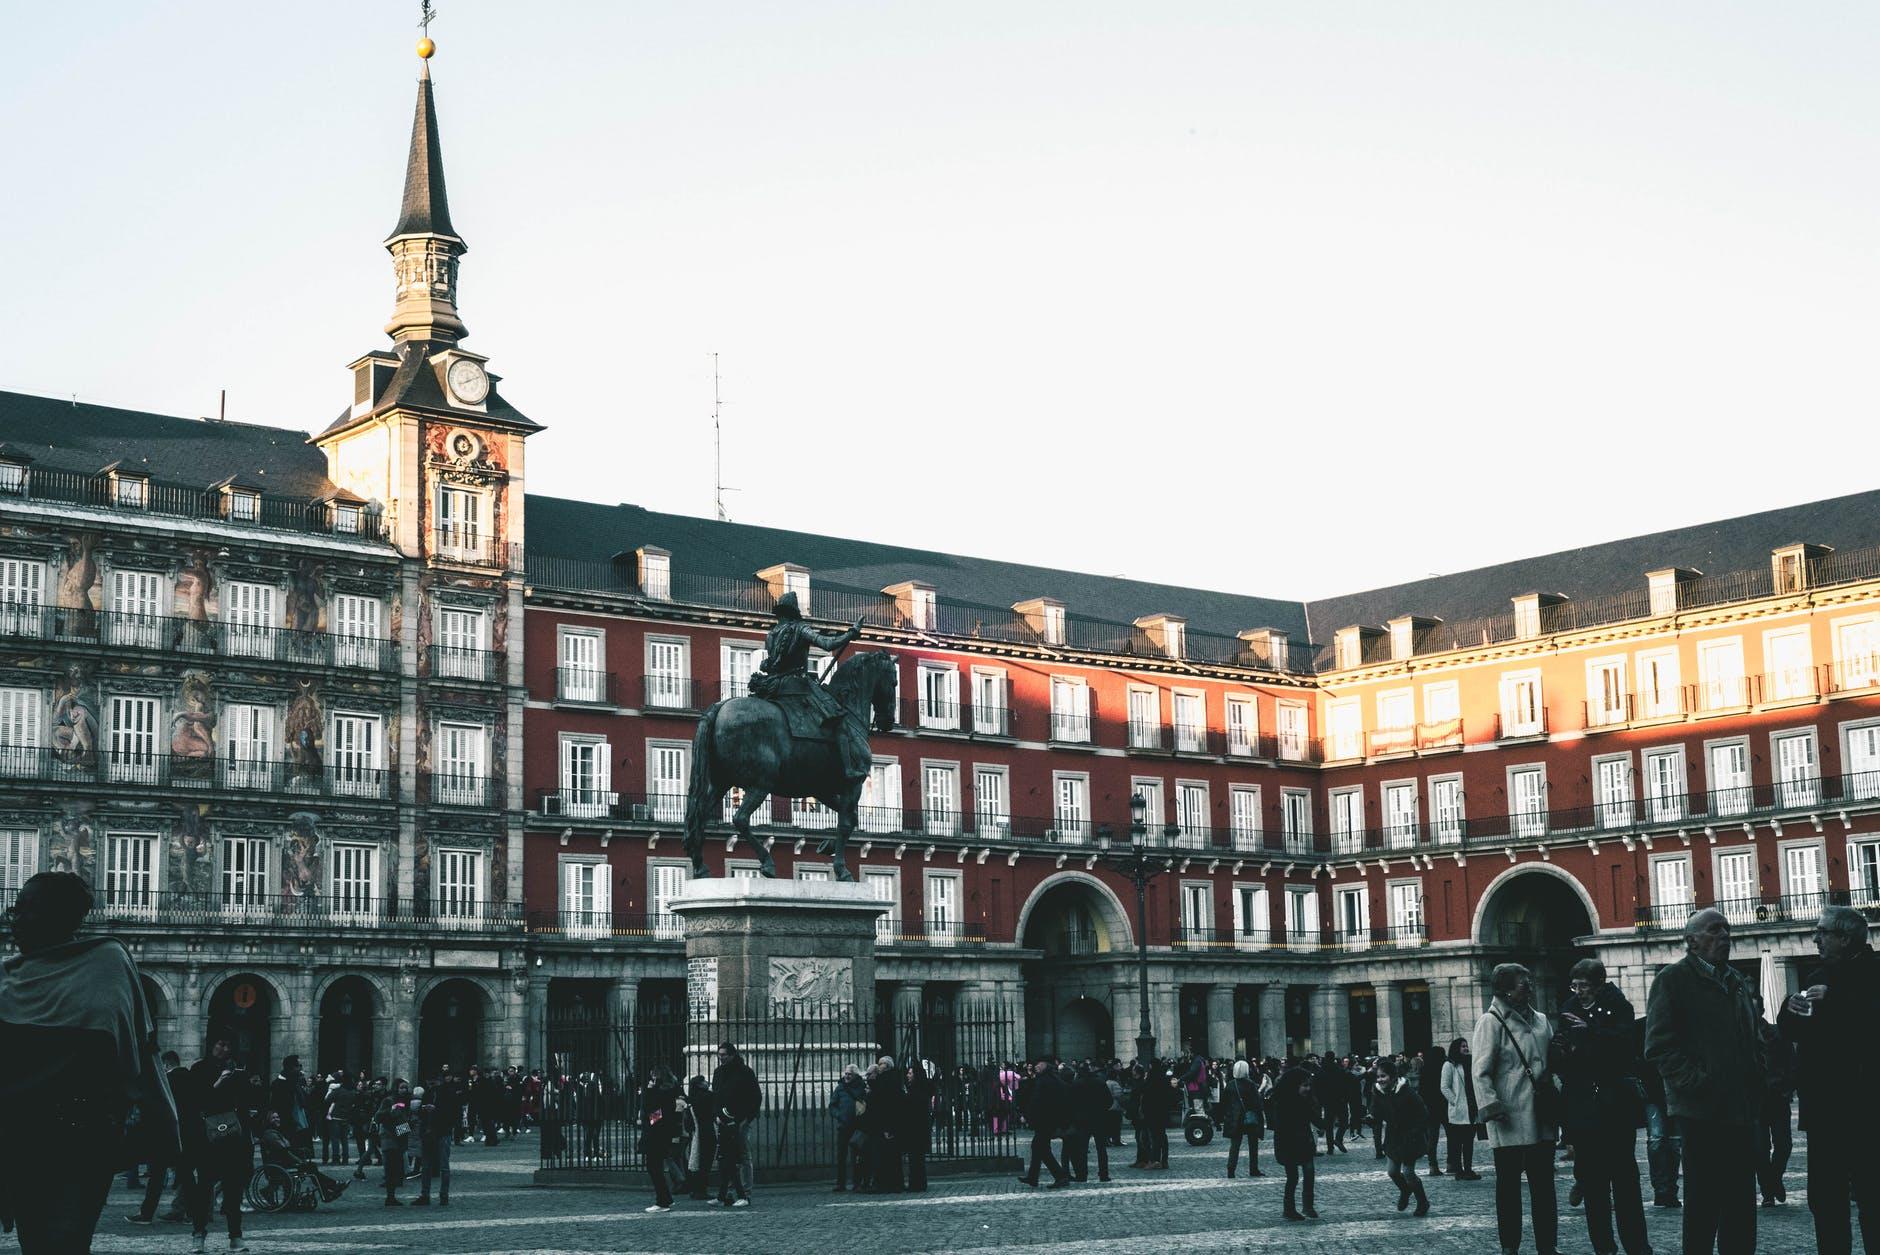 Madrid's Plaza Mayor.